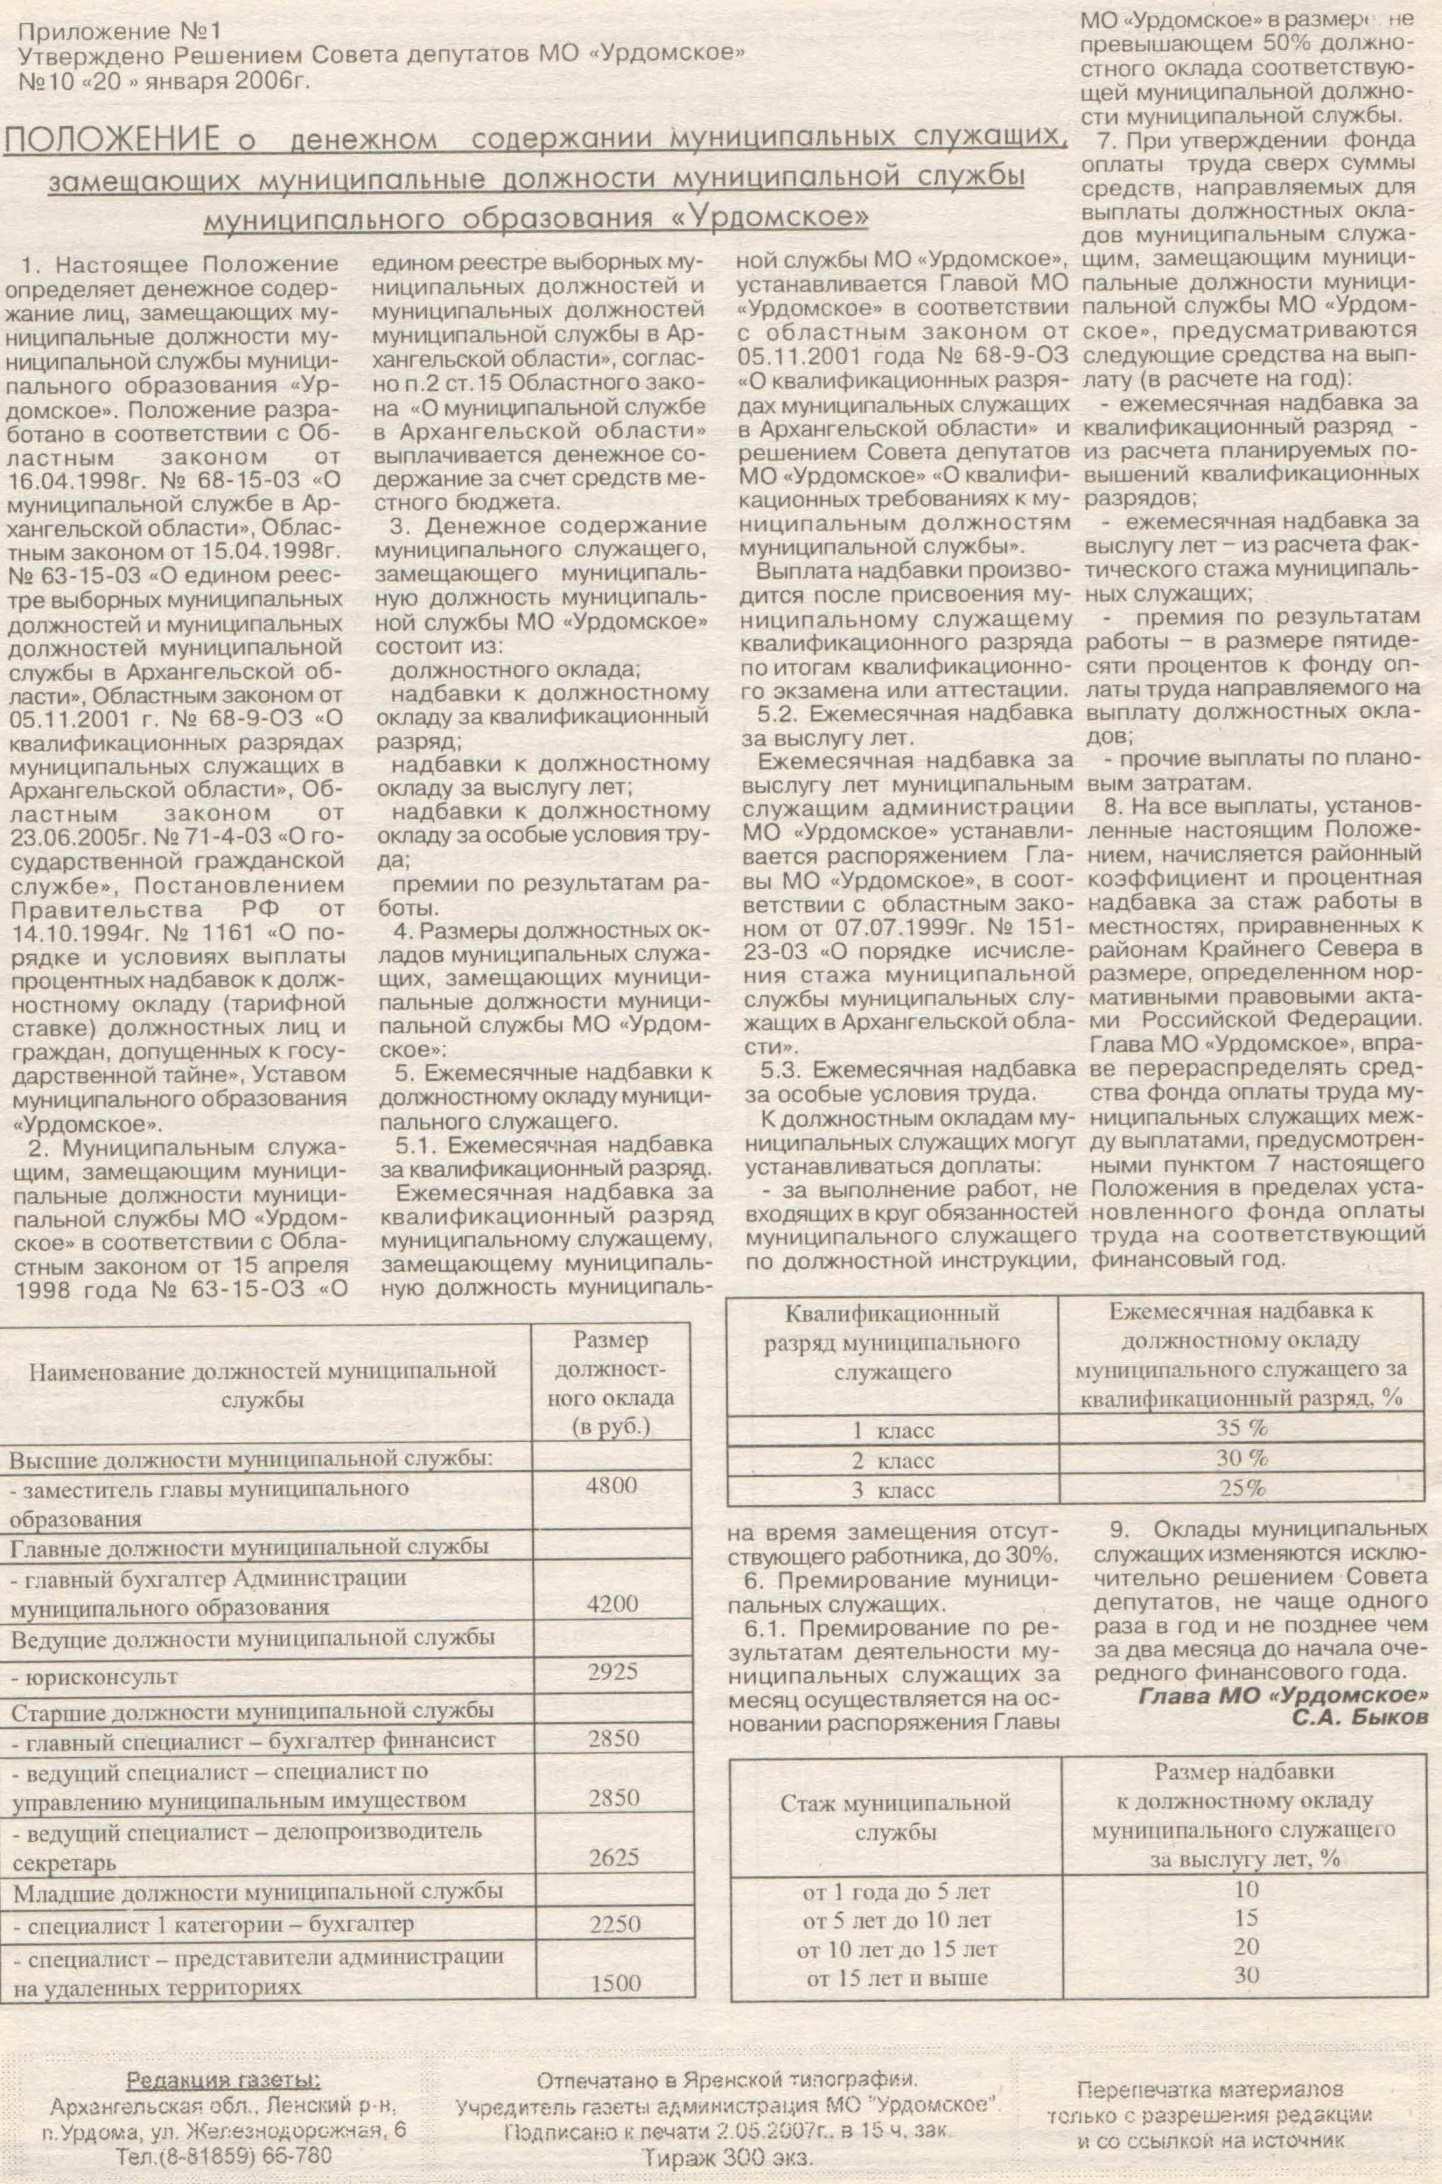 Муниципальный вестник 1 от 04 мая 2007 (8)